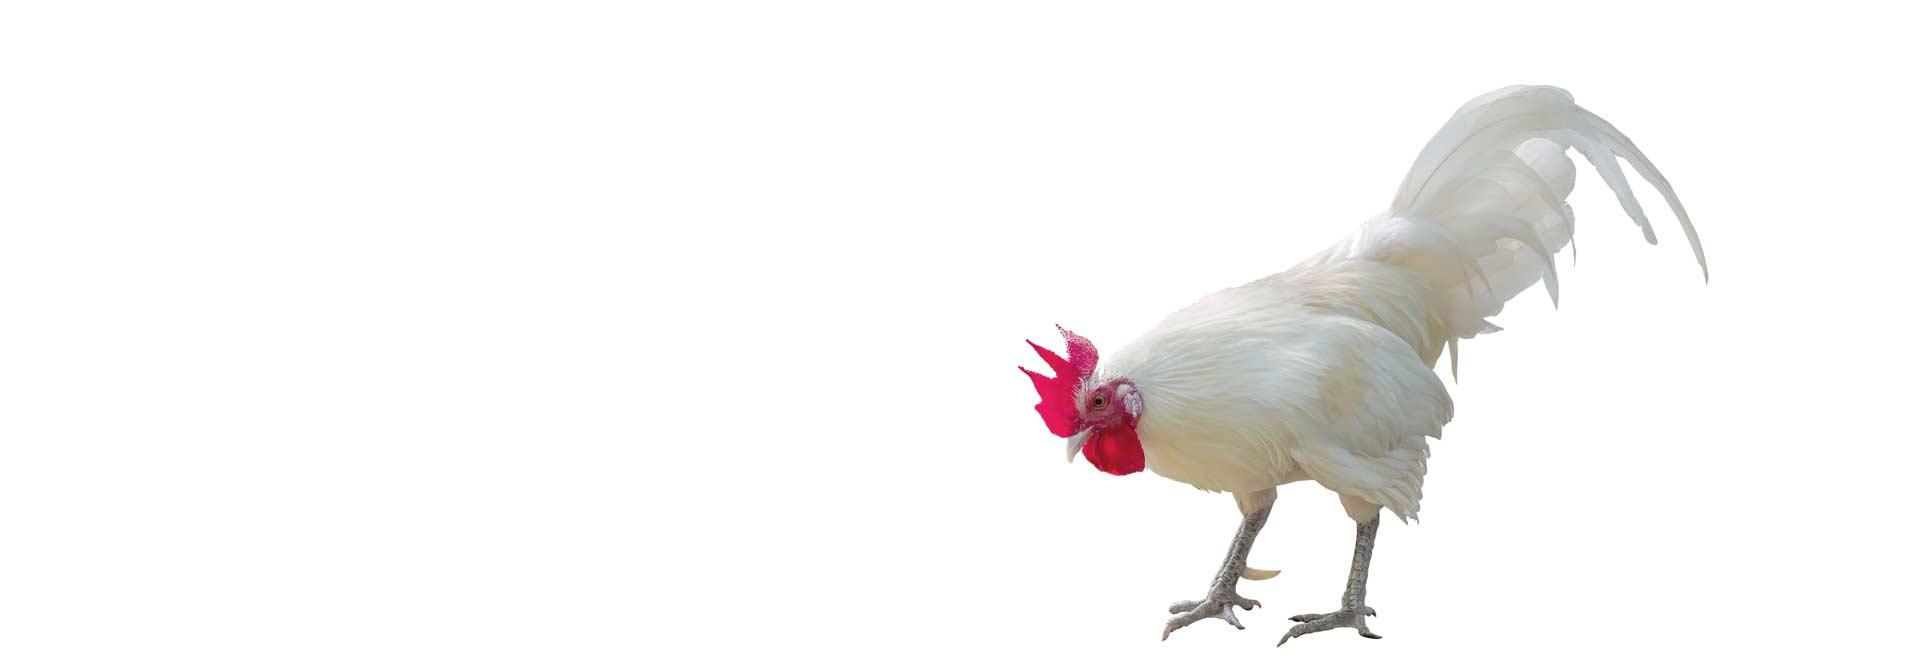 Des poules en bonne santé grâce à votre spécialiste de Villeneuve-lès-Maguelone